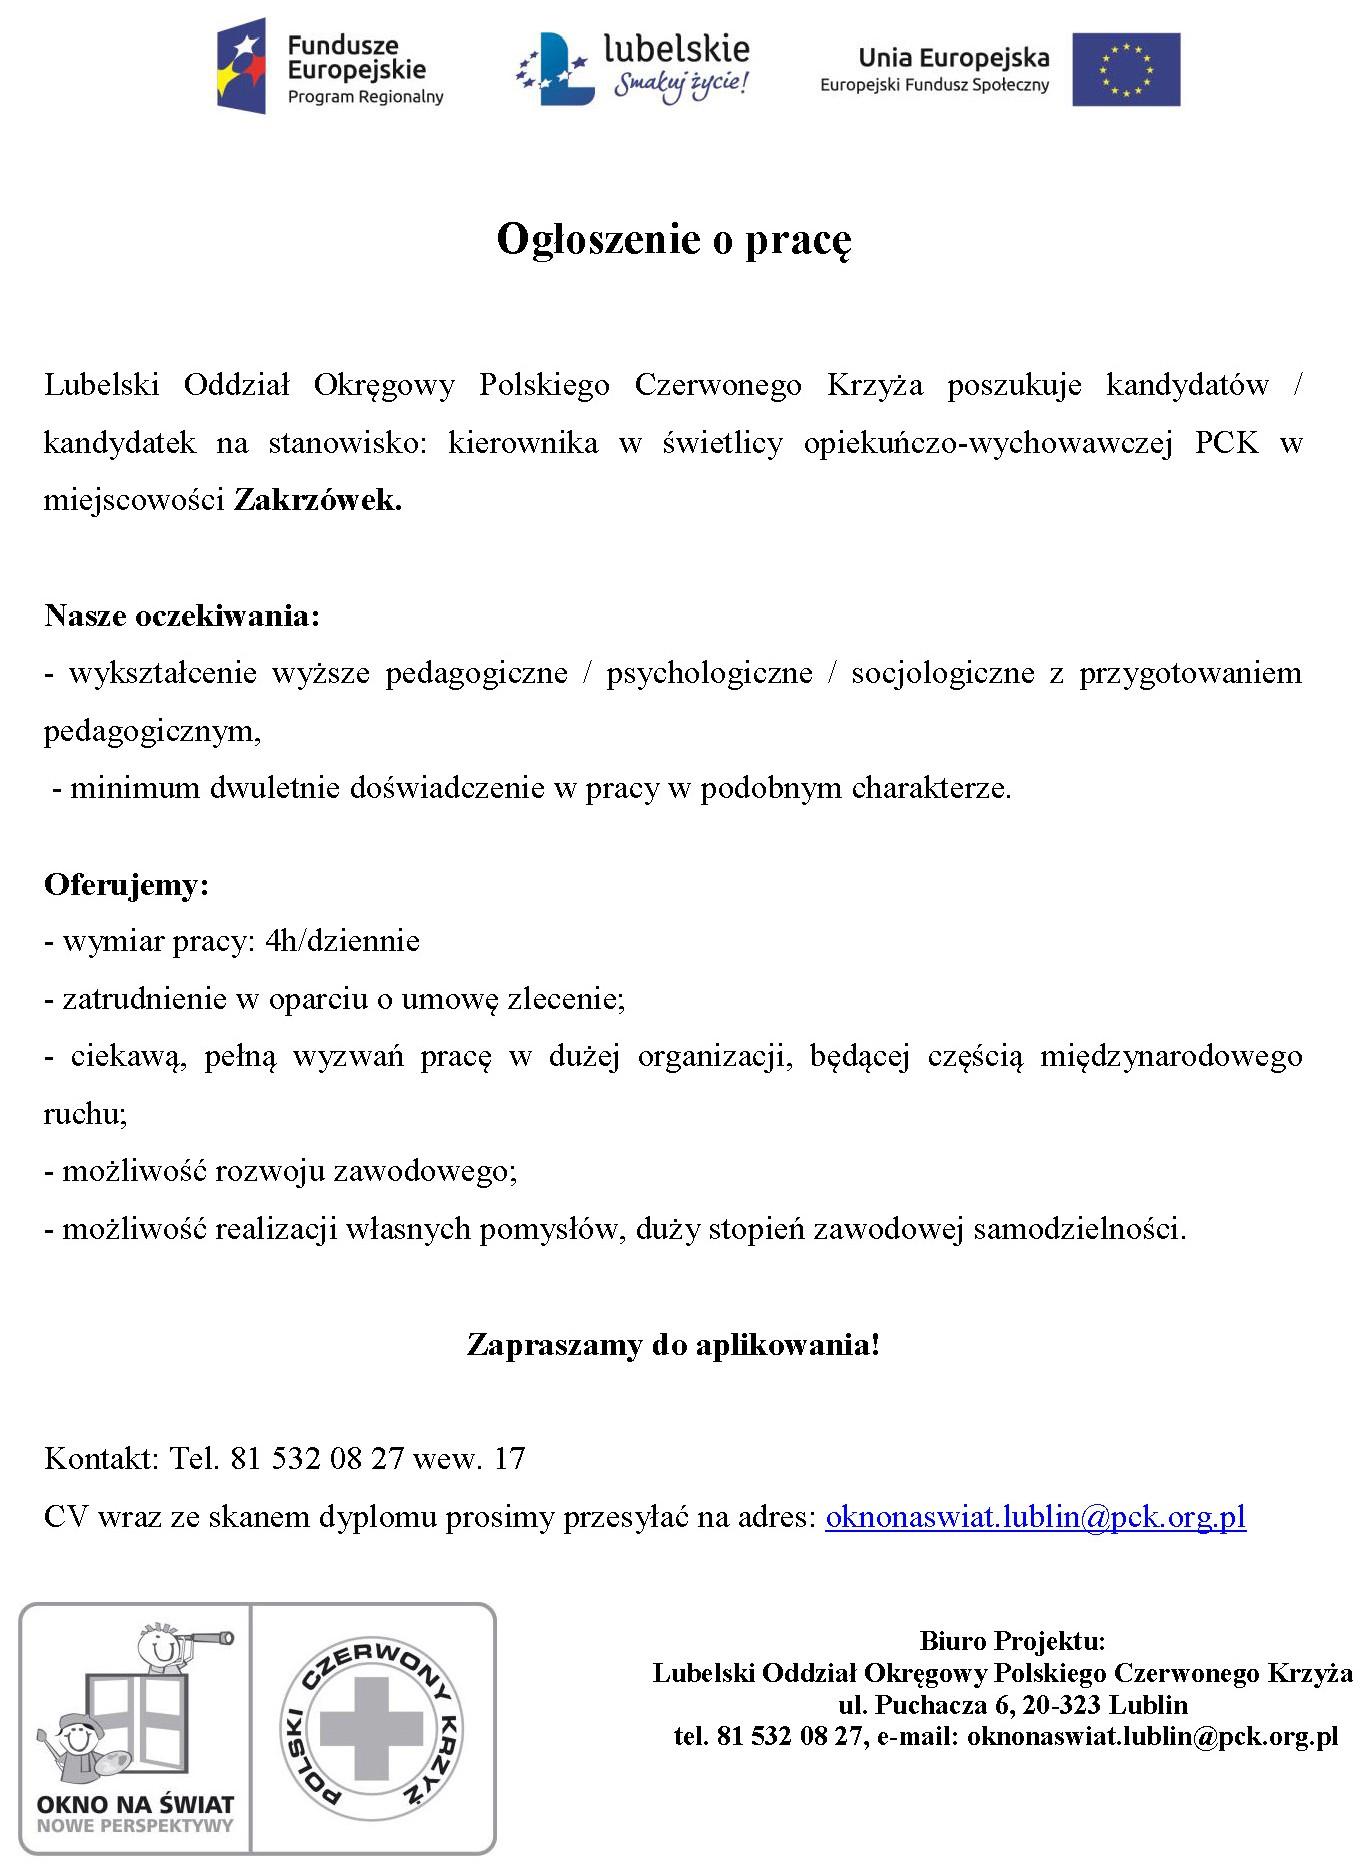 Ogłoszenie o pracę